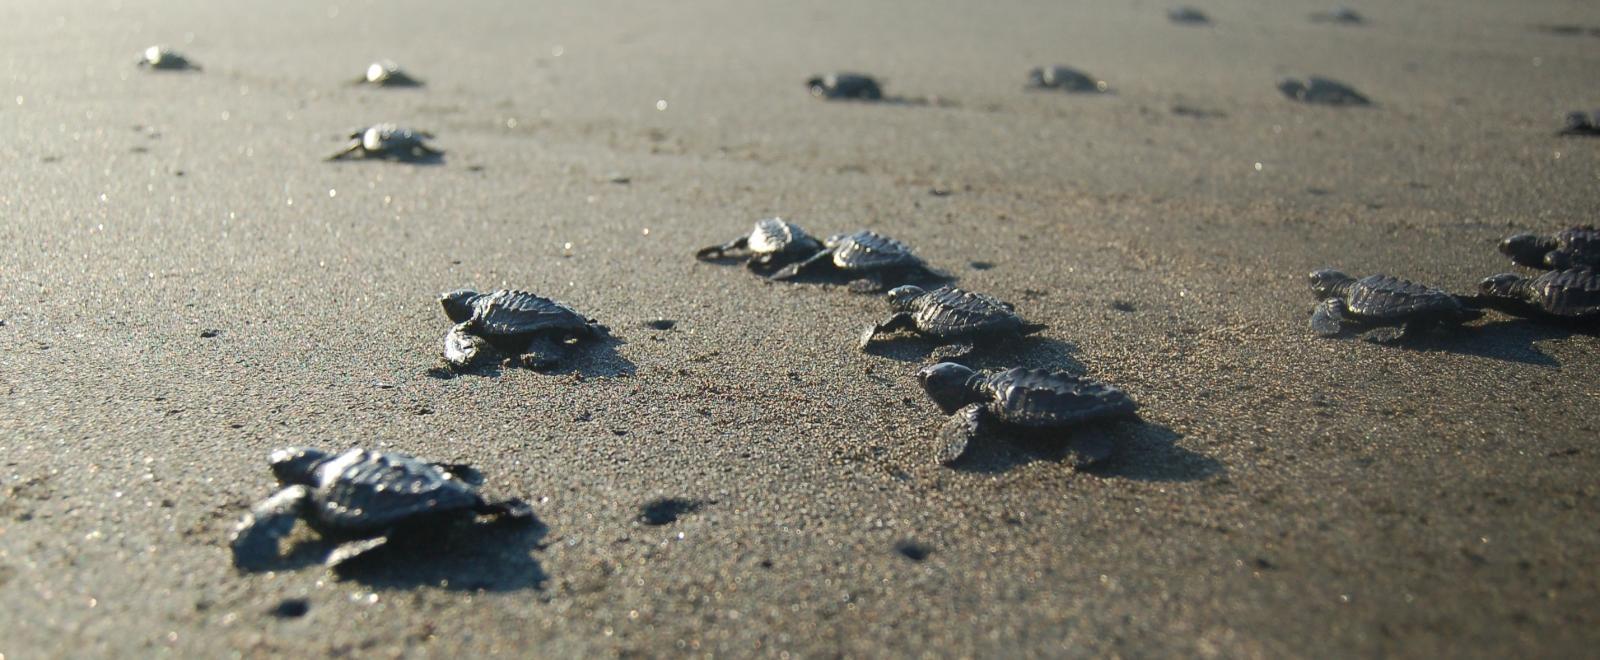 pasgeboren schildpadden zoeken hun weg naar de oceaan na vrijlating op het zwarte strand door een groep vrijwilligers natuurbehoud in Mexico.